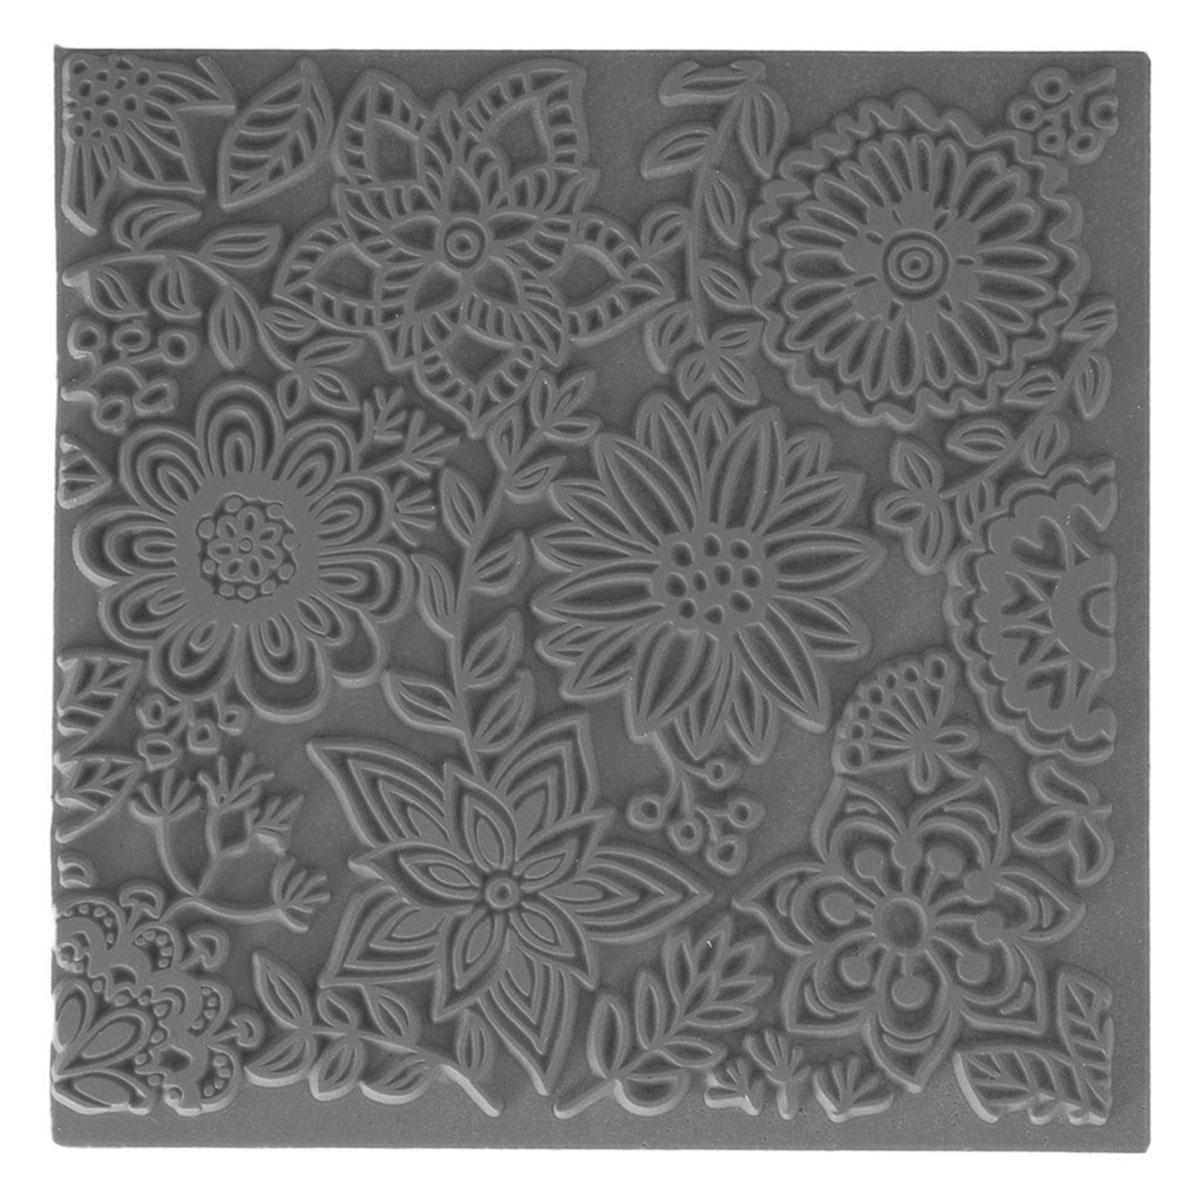 CE95016 Текстура для пластики резиновая 'Бутоны', 9х9 см